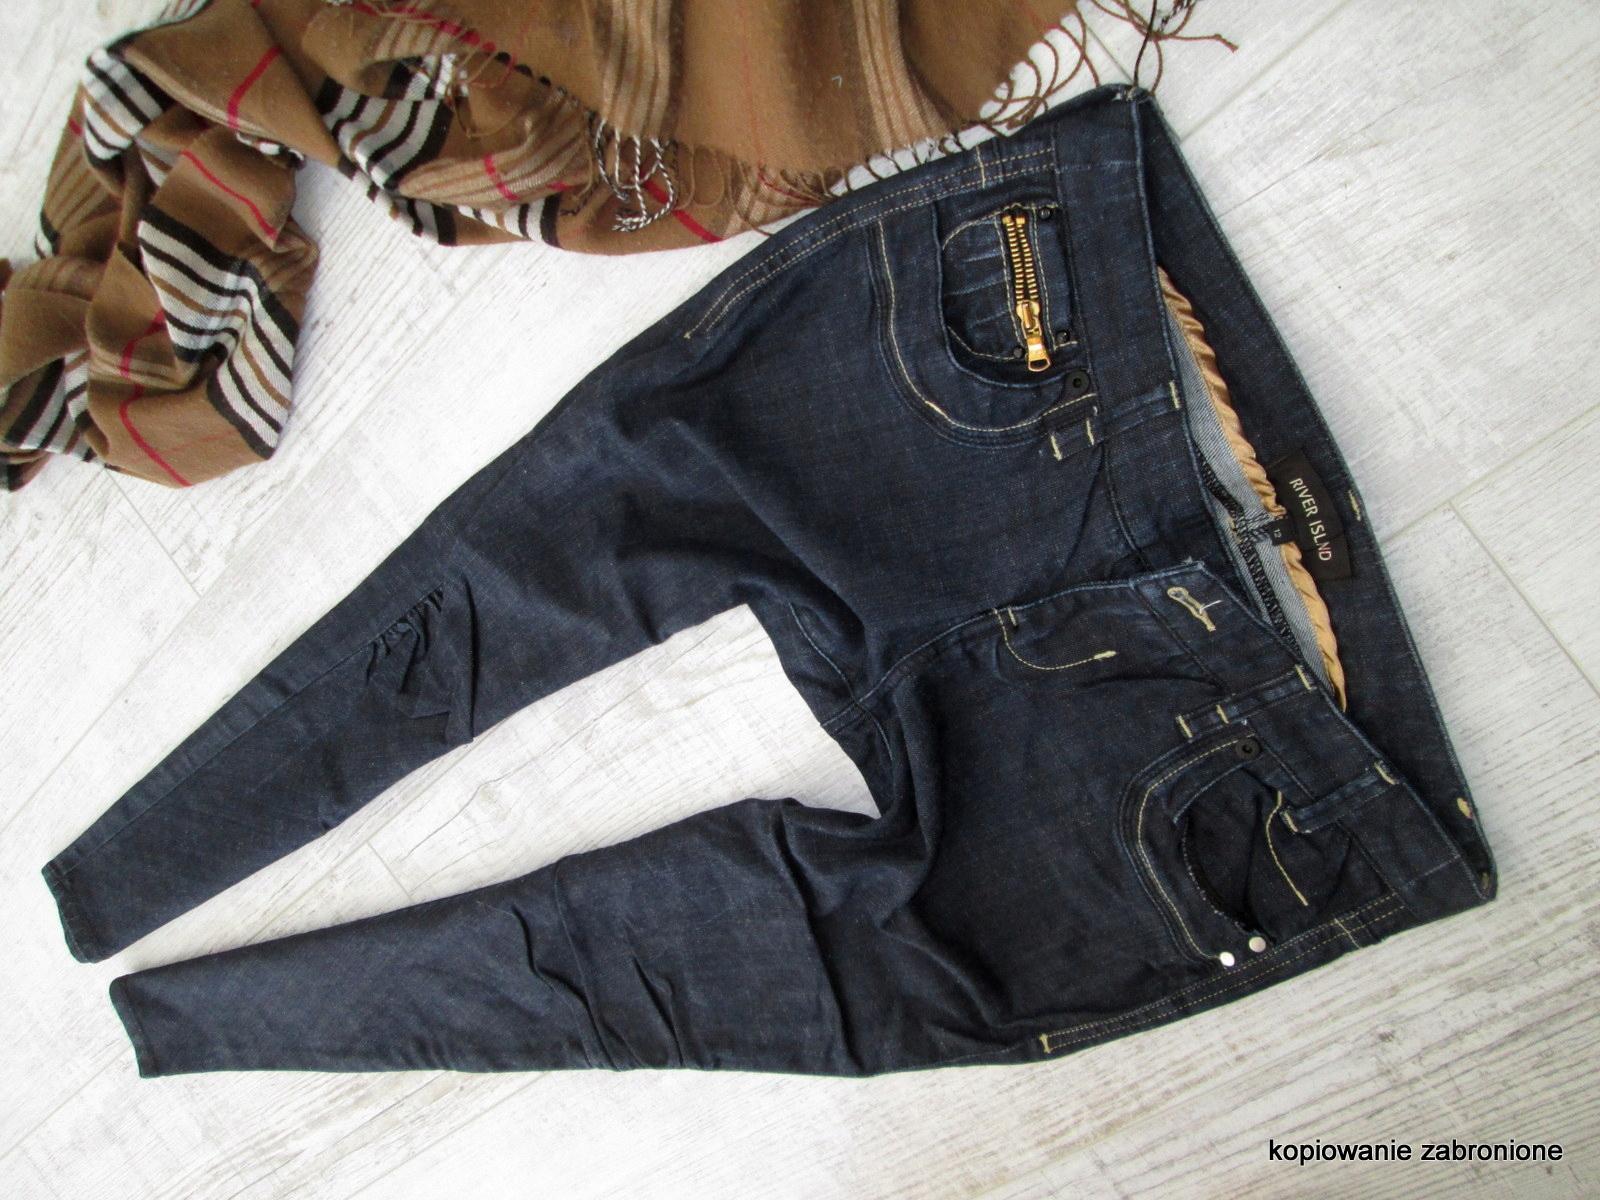 Kup 3 Weź 4 - RIVER ISLAND - jeans rurki 40 L